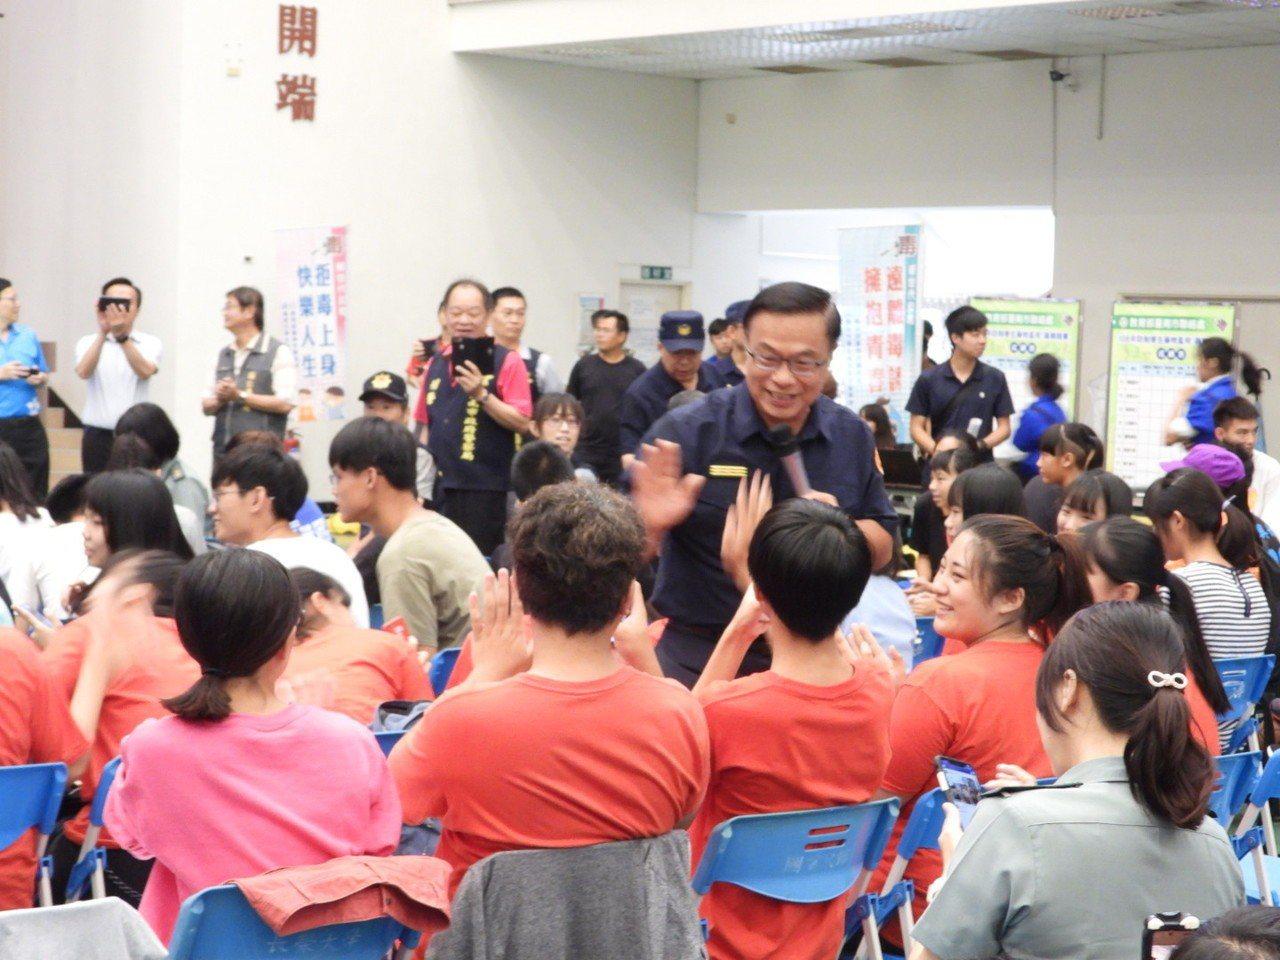 黃宗仁走進人群邊高歌邊握手。記者周宗禎/攝影